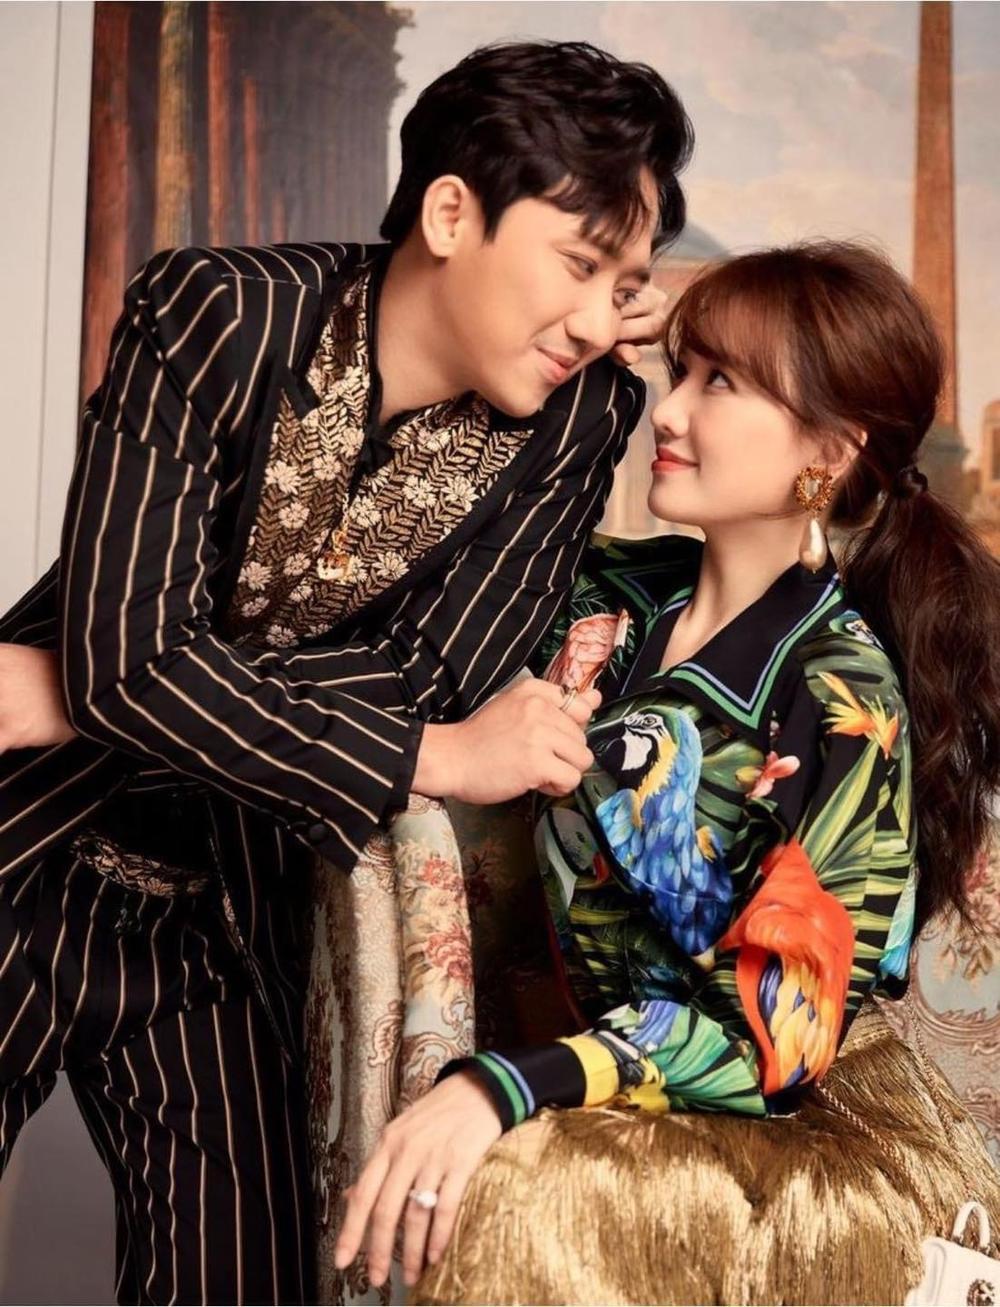 Hari Won lần đầu chia sẻ bức thư của Trấn Thành 5 năm trước, bày tỏ: 'Lúc đó đọc xong thấy hơi kỳ' Ảnh 2